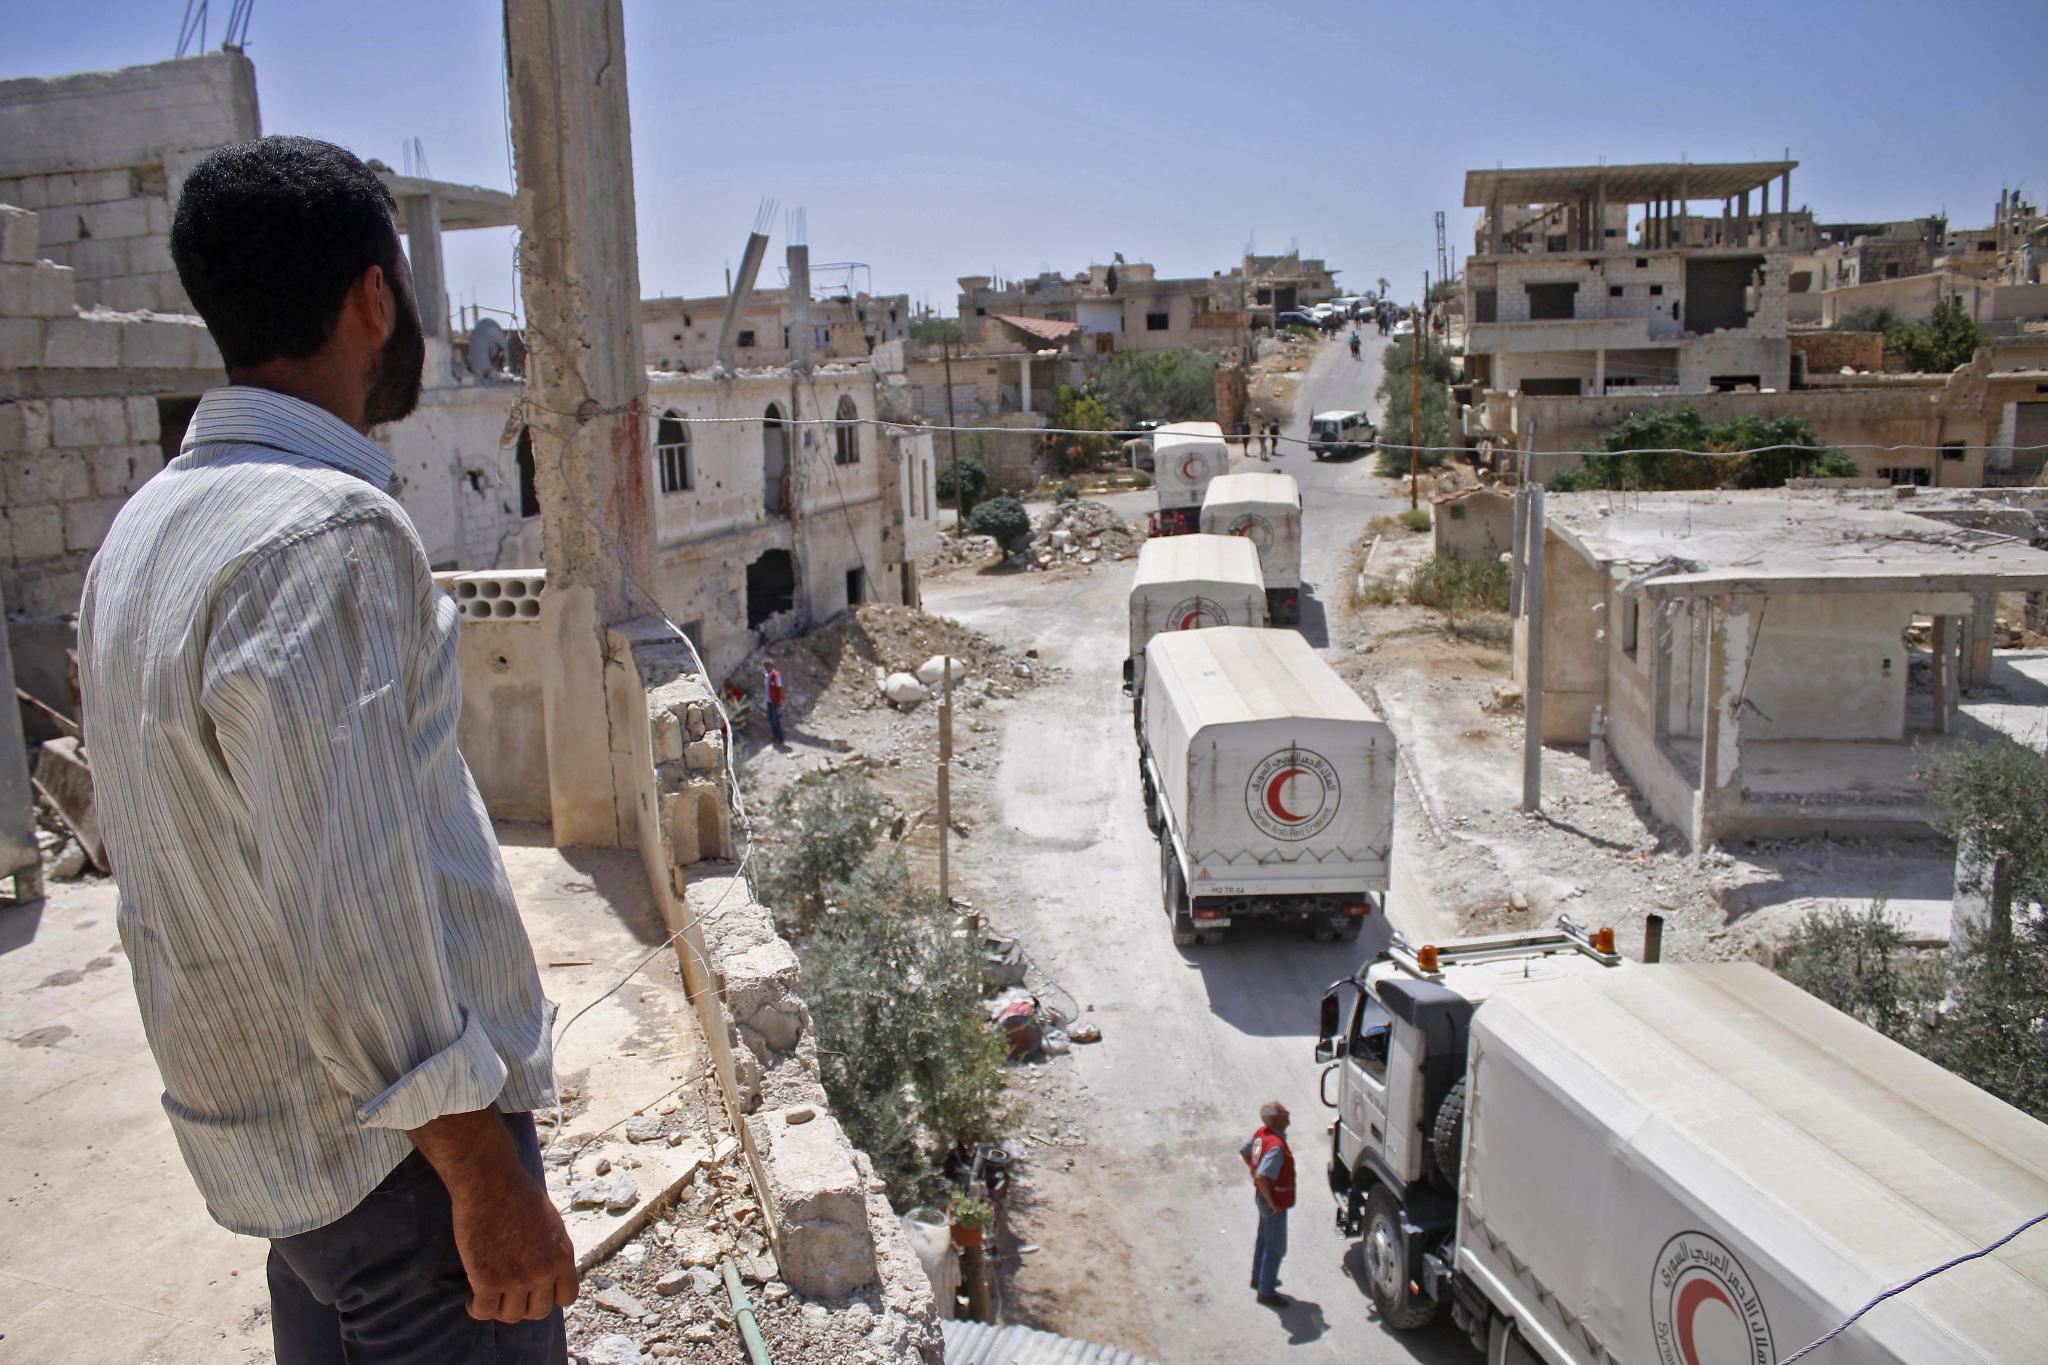 احتمال خفض المساعدات الأممية يلقي بظلاله السوداوية على  ادلب وحلب